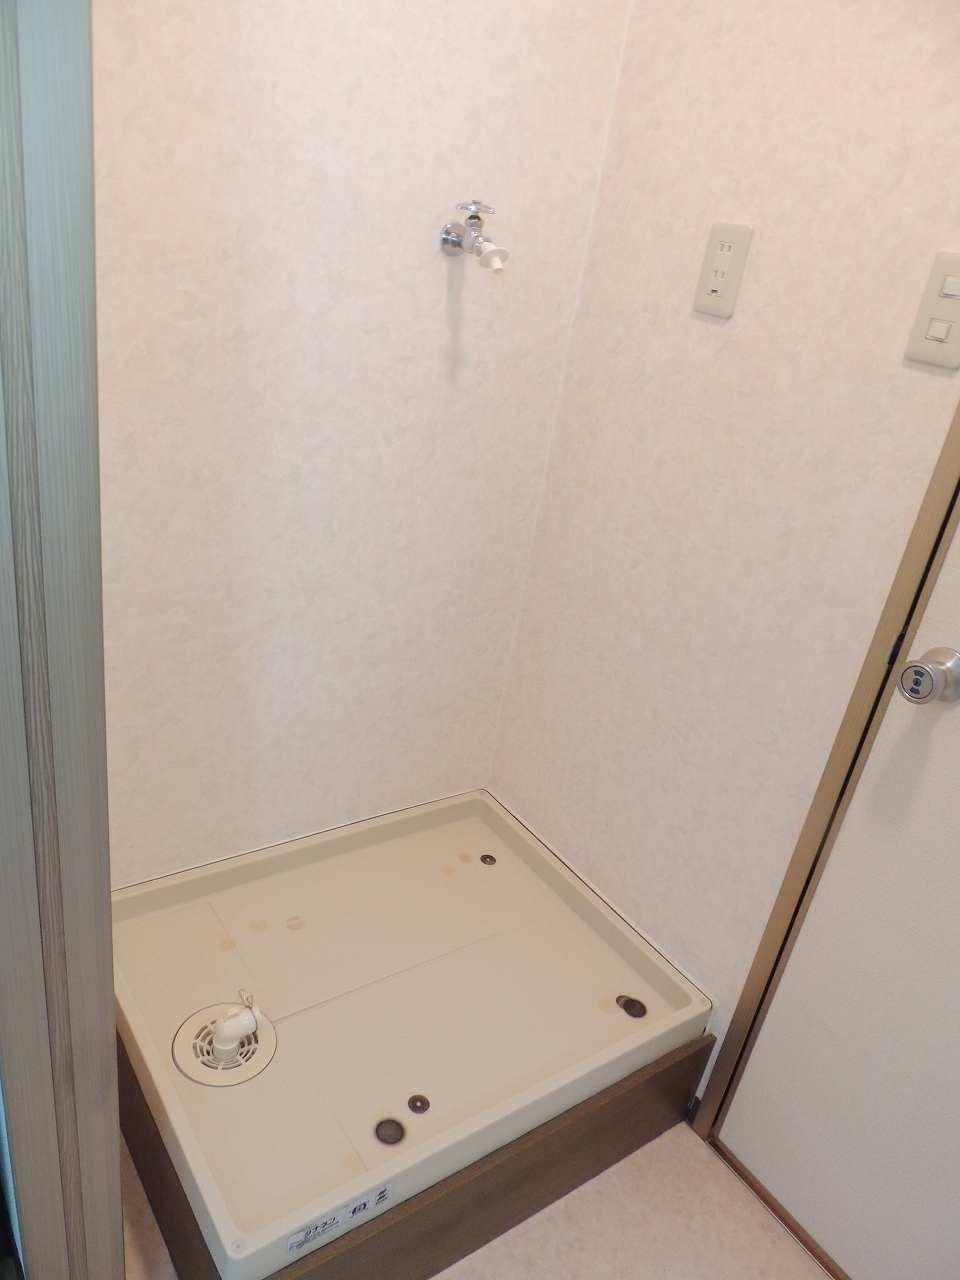 ミューズ松本Ⅴ 02010号室のトイレ